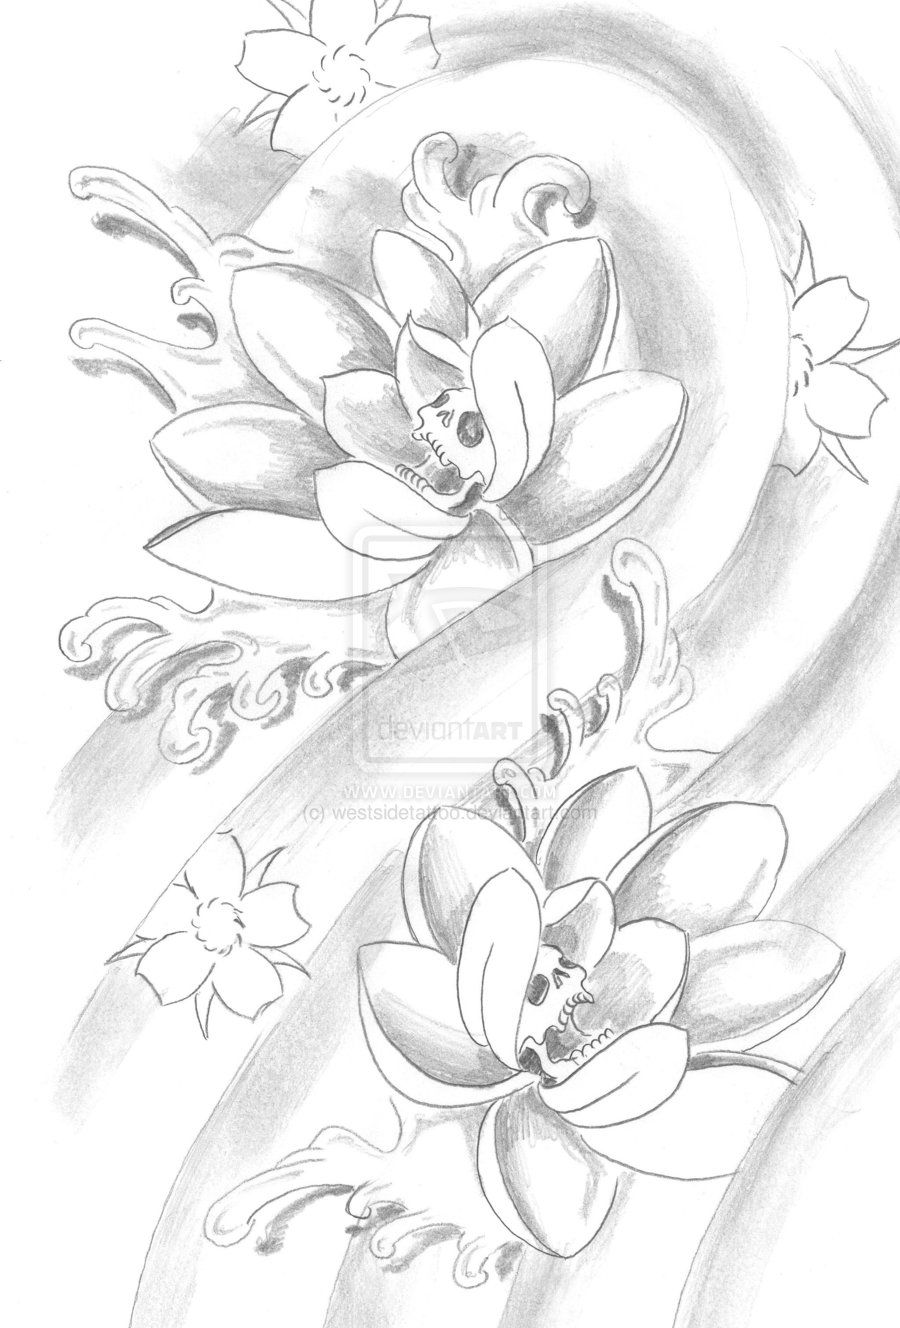 Lotus flower drawing sketchdrawings sketch of lotus drawing and lotus flower drawing sketchdrawings sketch of lotus drawing and coloring for kids 2bx9qkqt mightylinksfo